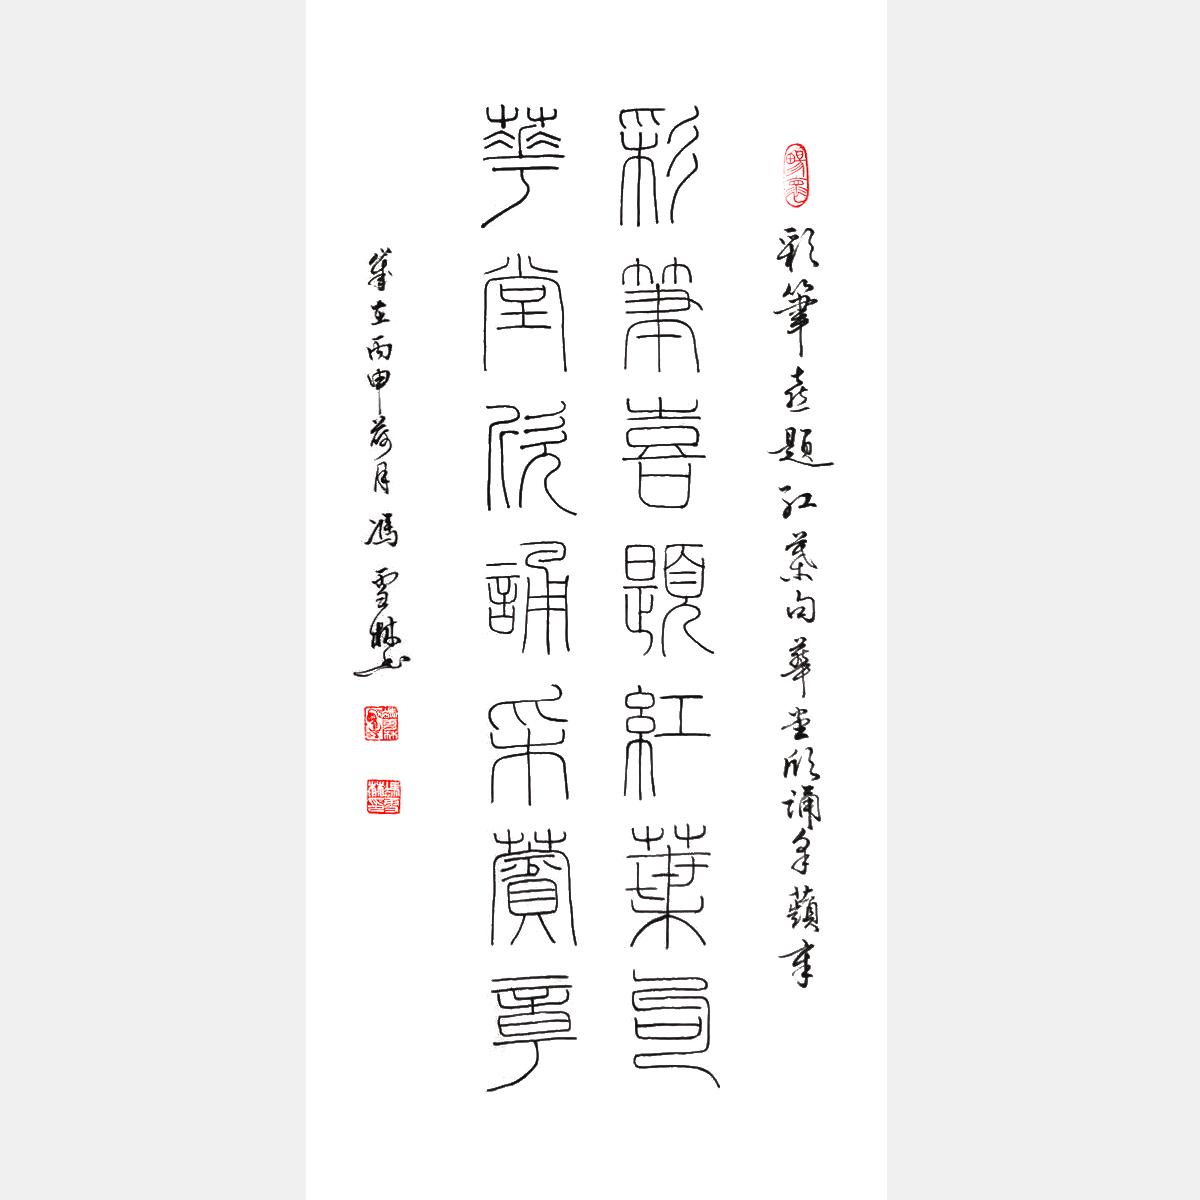 冯雪林篆书对联 彩笔喜题红叶句,华堂欣咏采苹章。 喜联书法作品